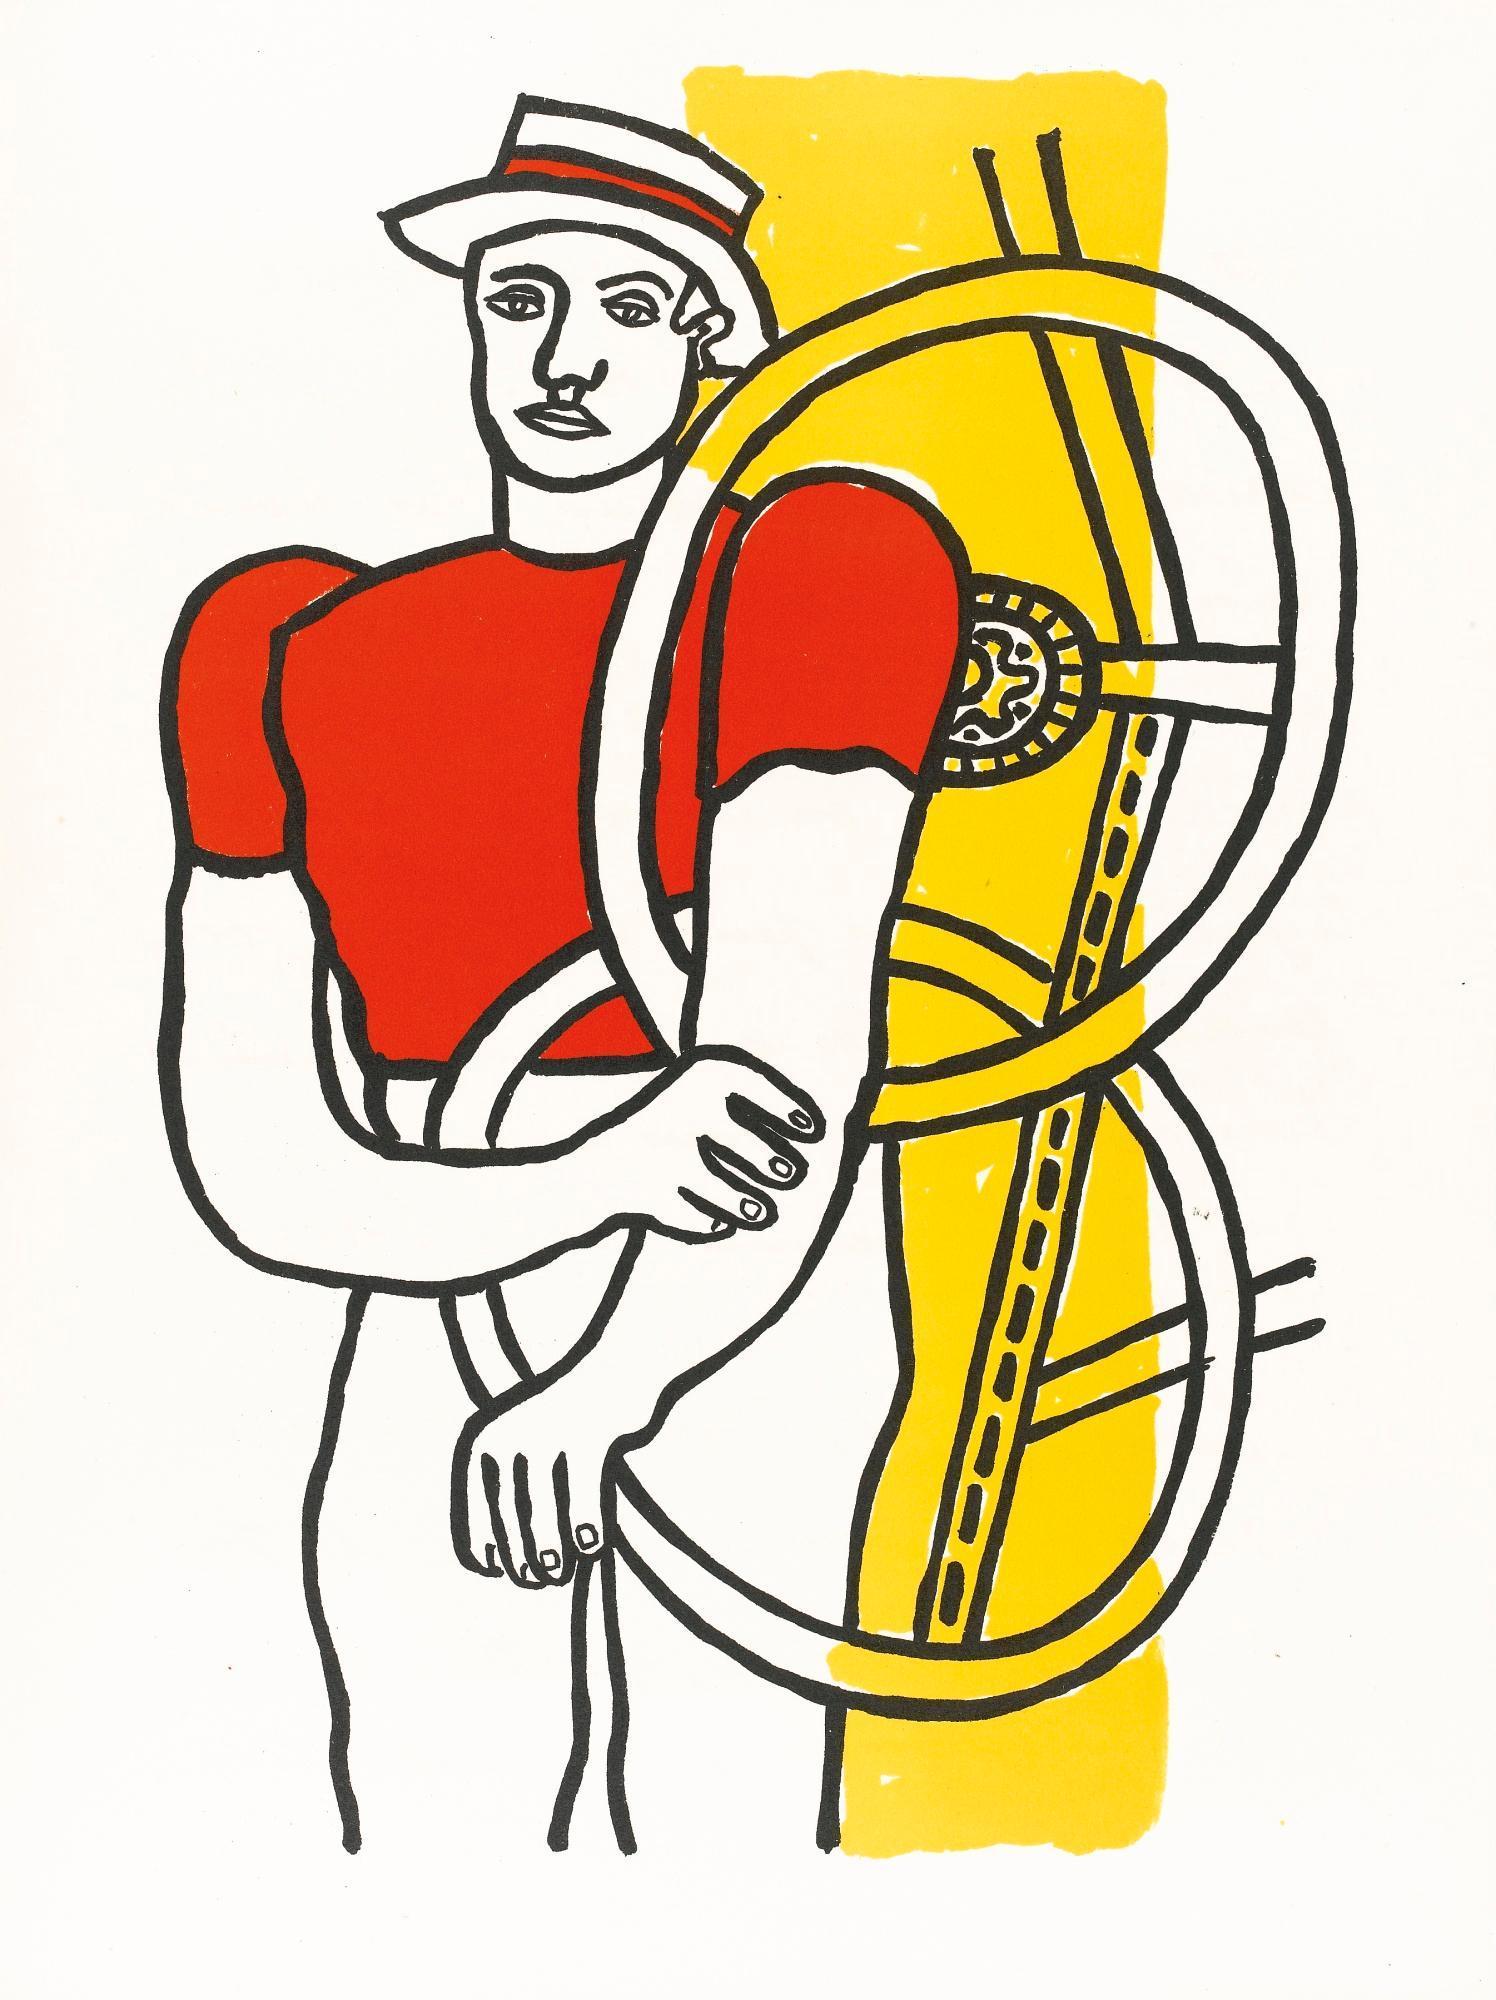 No hay imagen disponible de El Circo de Fernand Léger